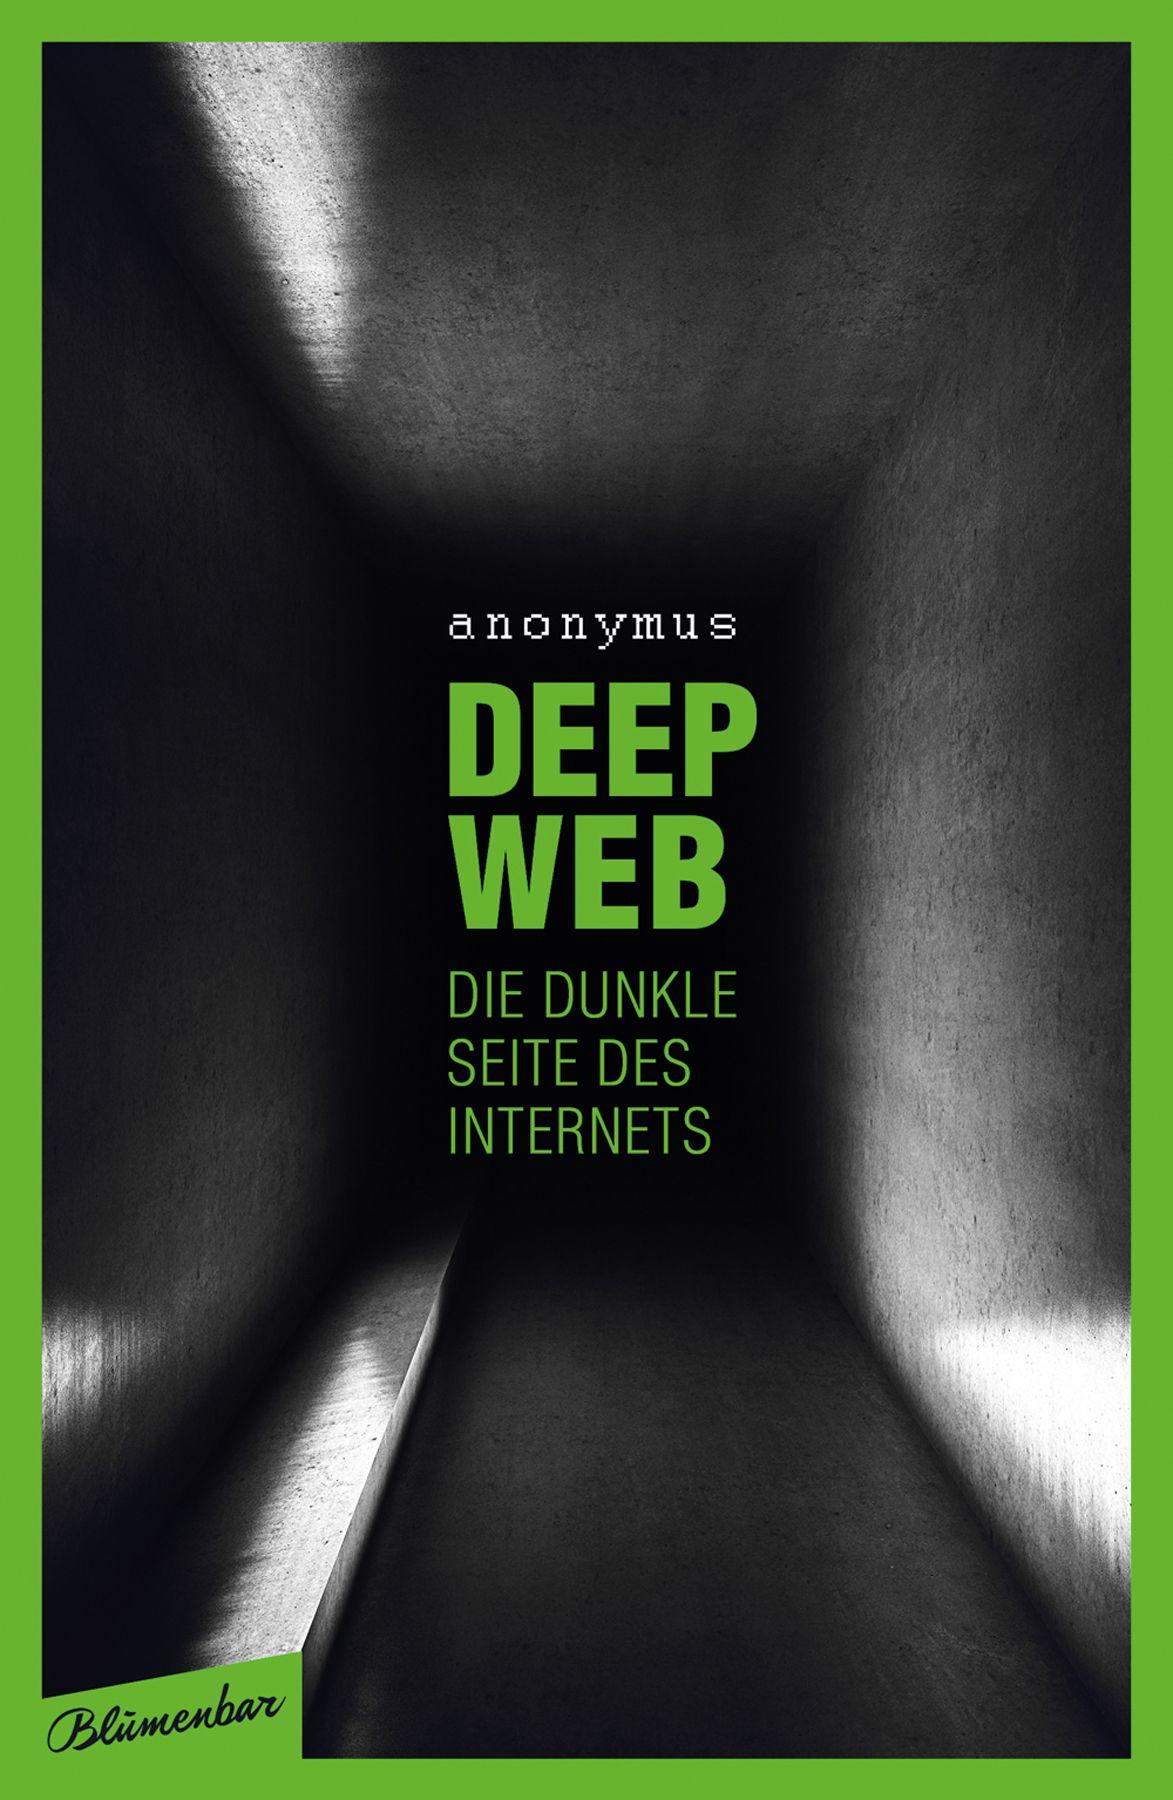 Deep Web - Die Dunkle Seite des Internets, Buchcover